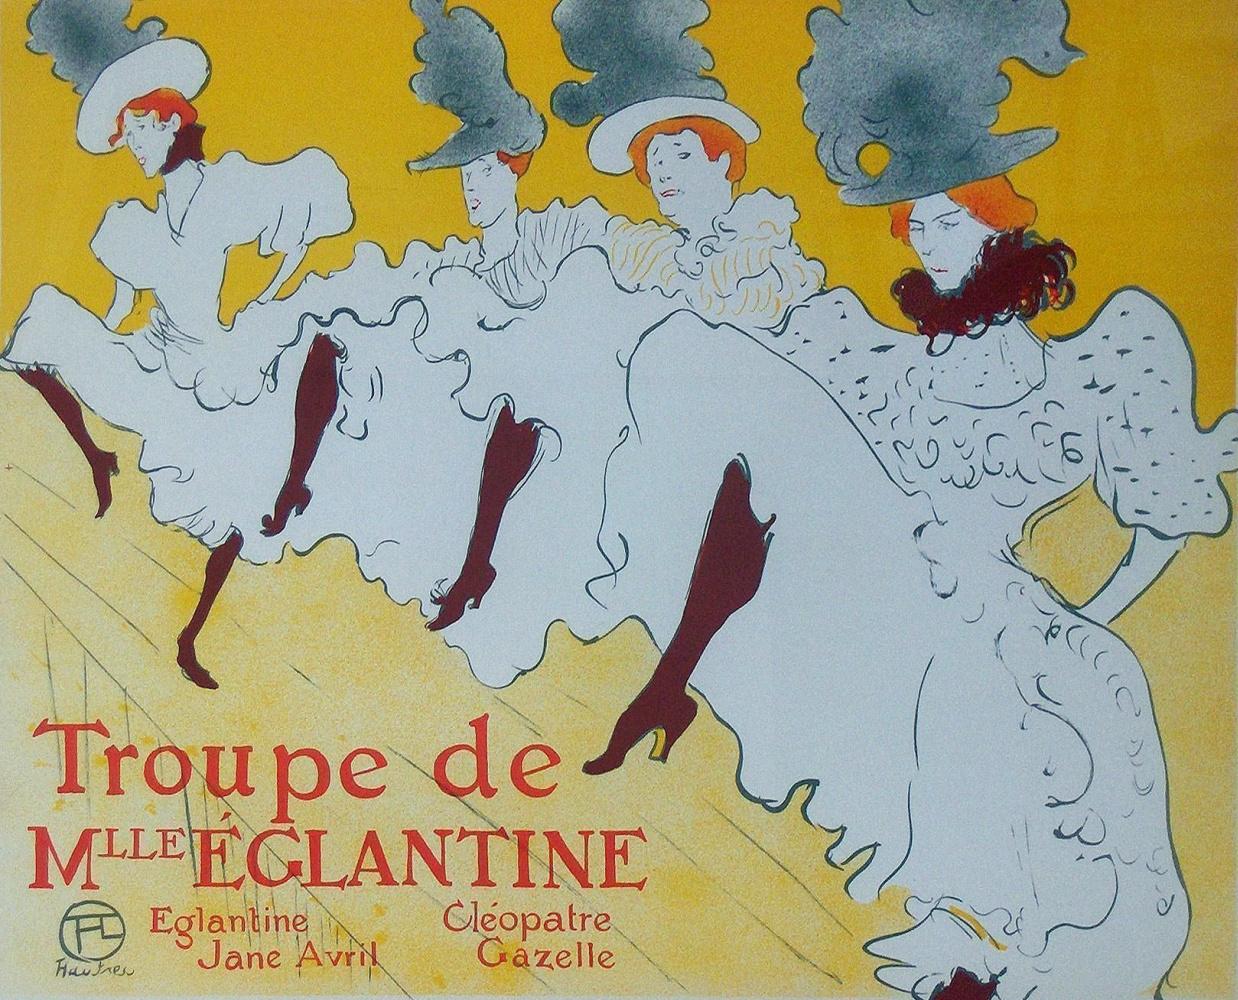 Парижский канкан в Италии: в Пизе открывается выставка французского хулигана Тулуз-Лотрека